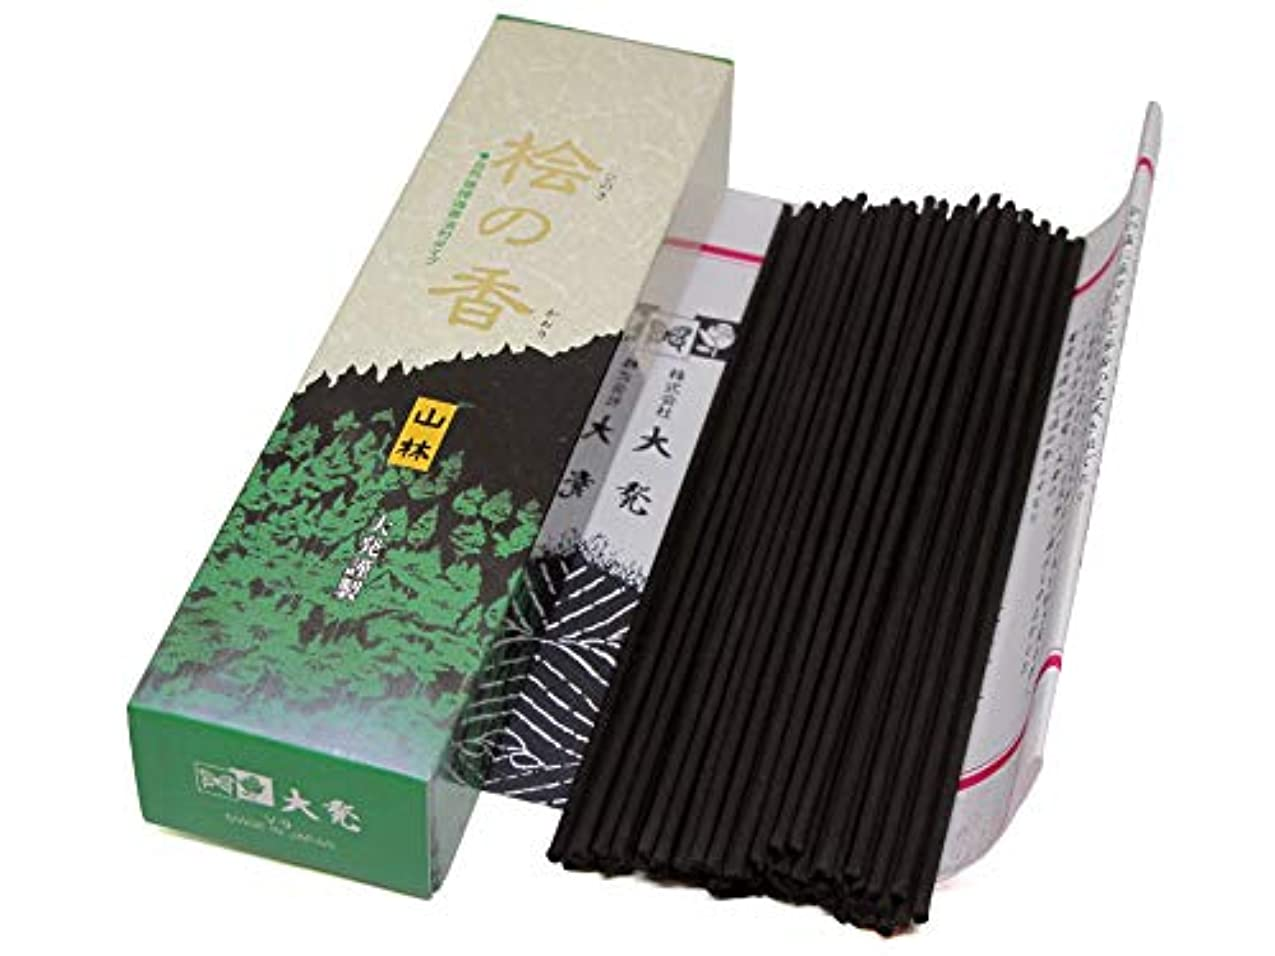 緩む死ぬラウンジ大和香 ひのきかお香 香スティック ひのきかぼりサリン 低煙タイプ 小型 79本入 日本製